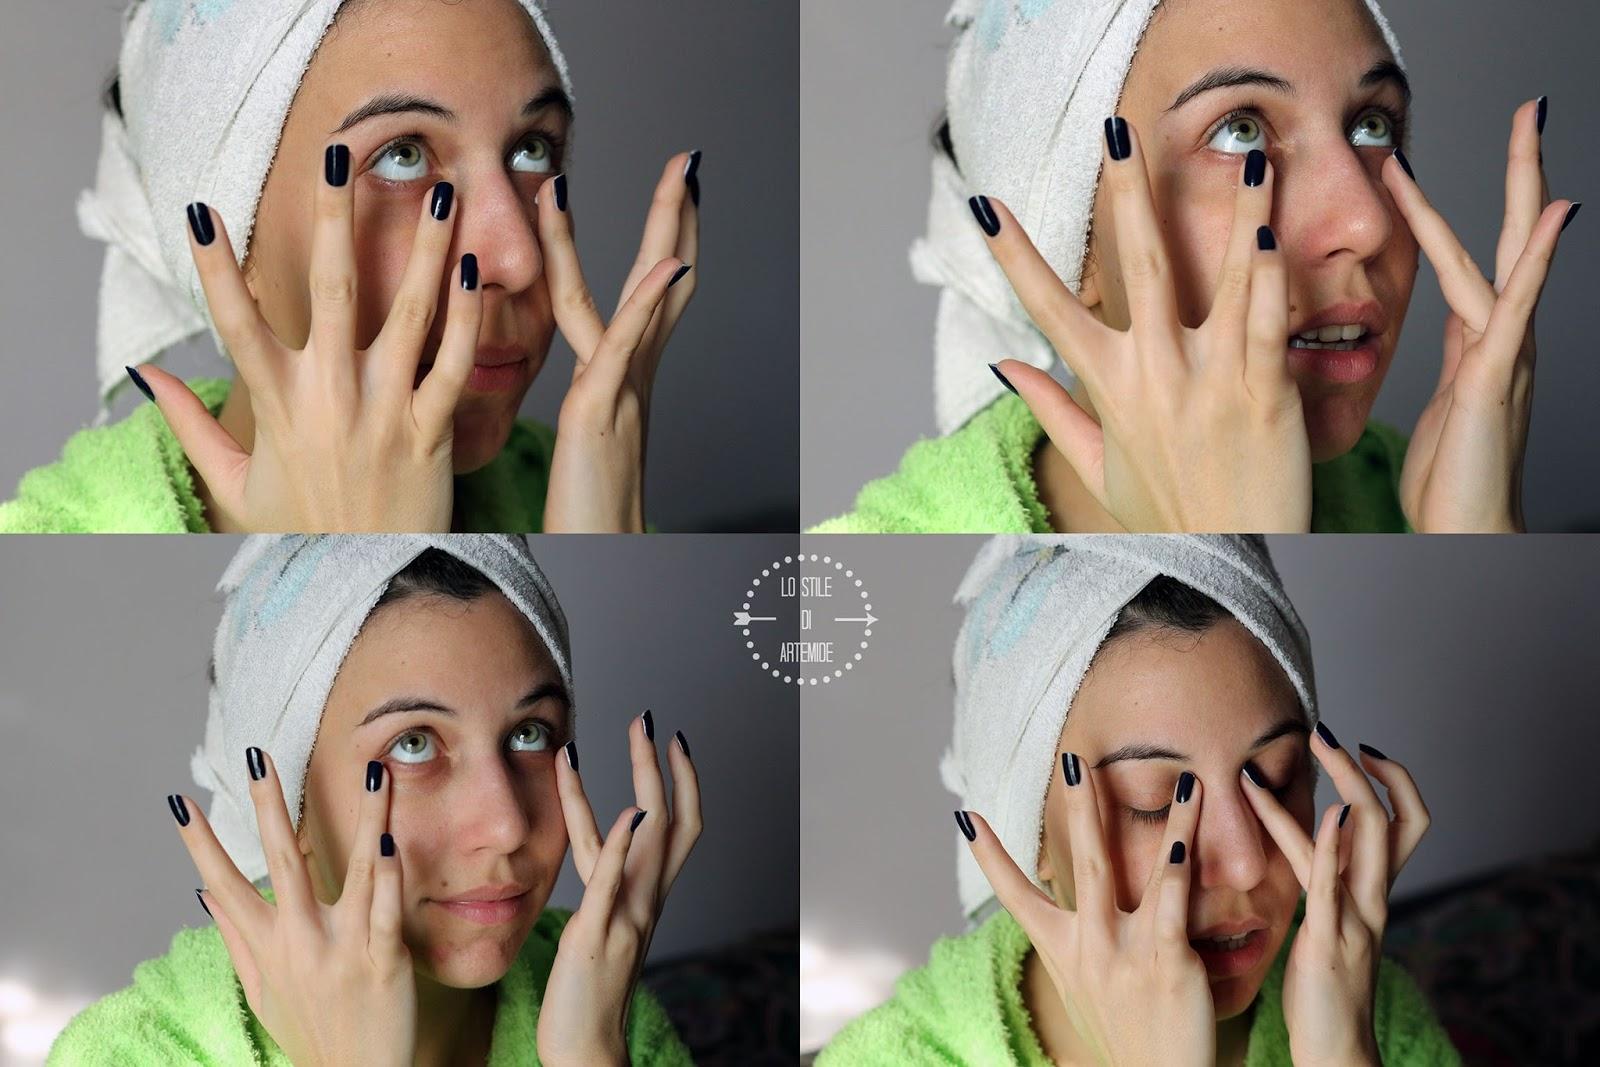 I reddenings di spostamento di pacco di faccia e le tracce da posti sulla faccia